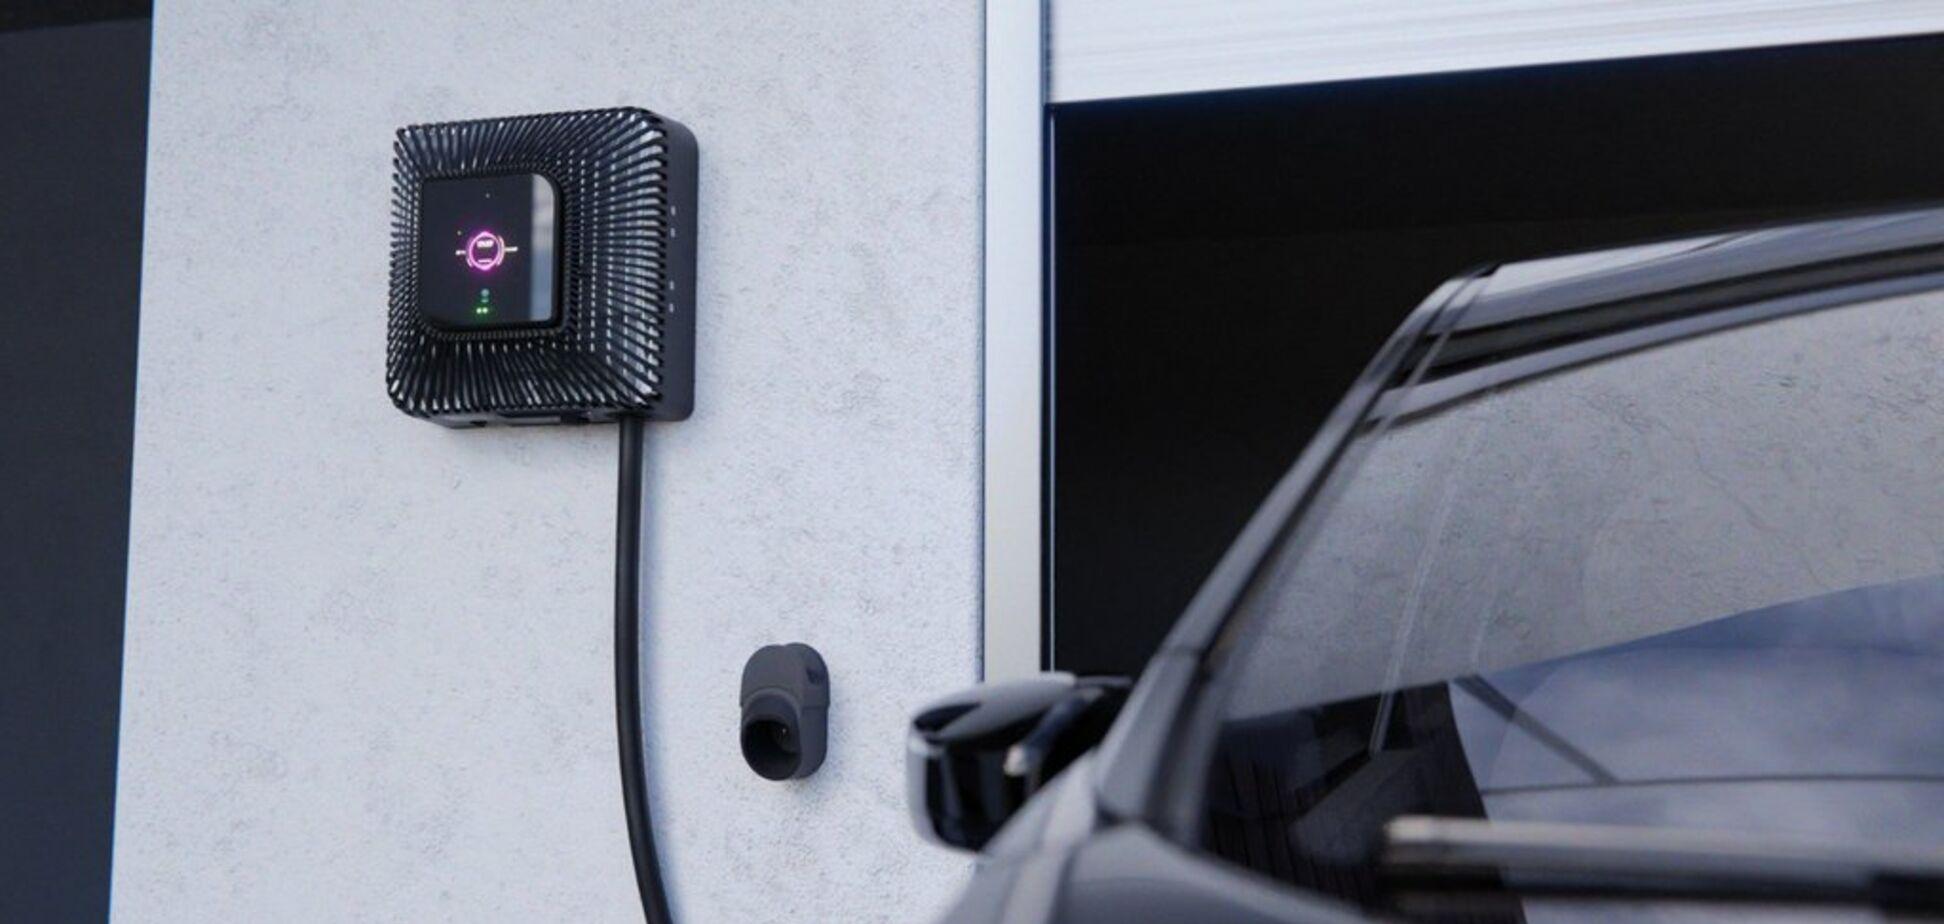 Електрокари зможуть постачати енергію до будівель: у США зробили технологічний прорив